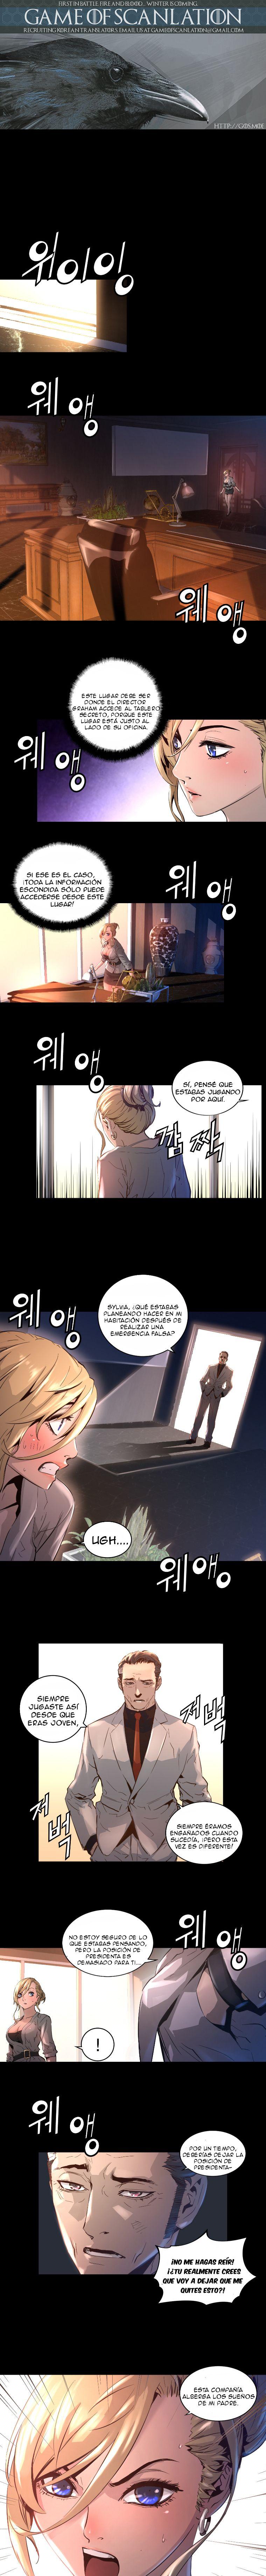 http://c5.ninemanga.com/es_manga/18/19474/484134/a743ba4de99bec9caf15d19418d5a3df.jpg Page 3